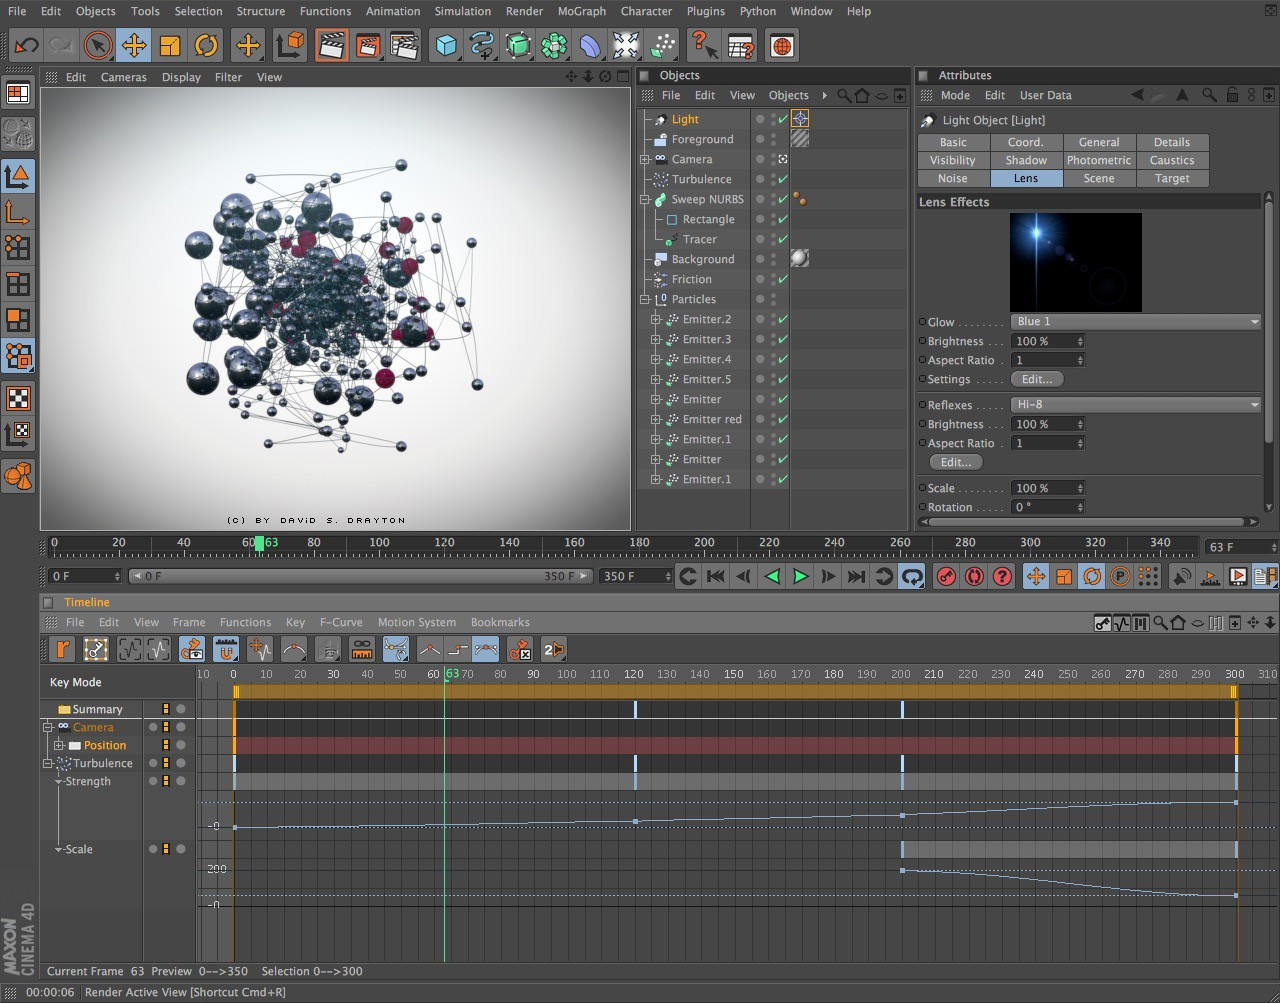 Maxon: Cinema 4D Release 12 rendert besser - Cinema 4D Broadcast Release 12